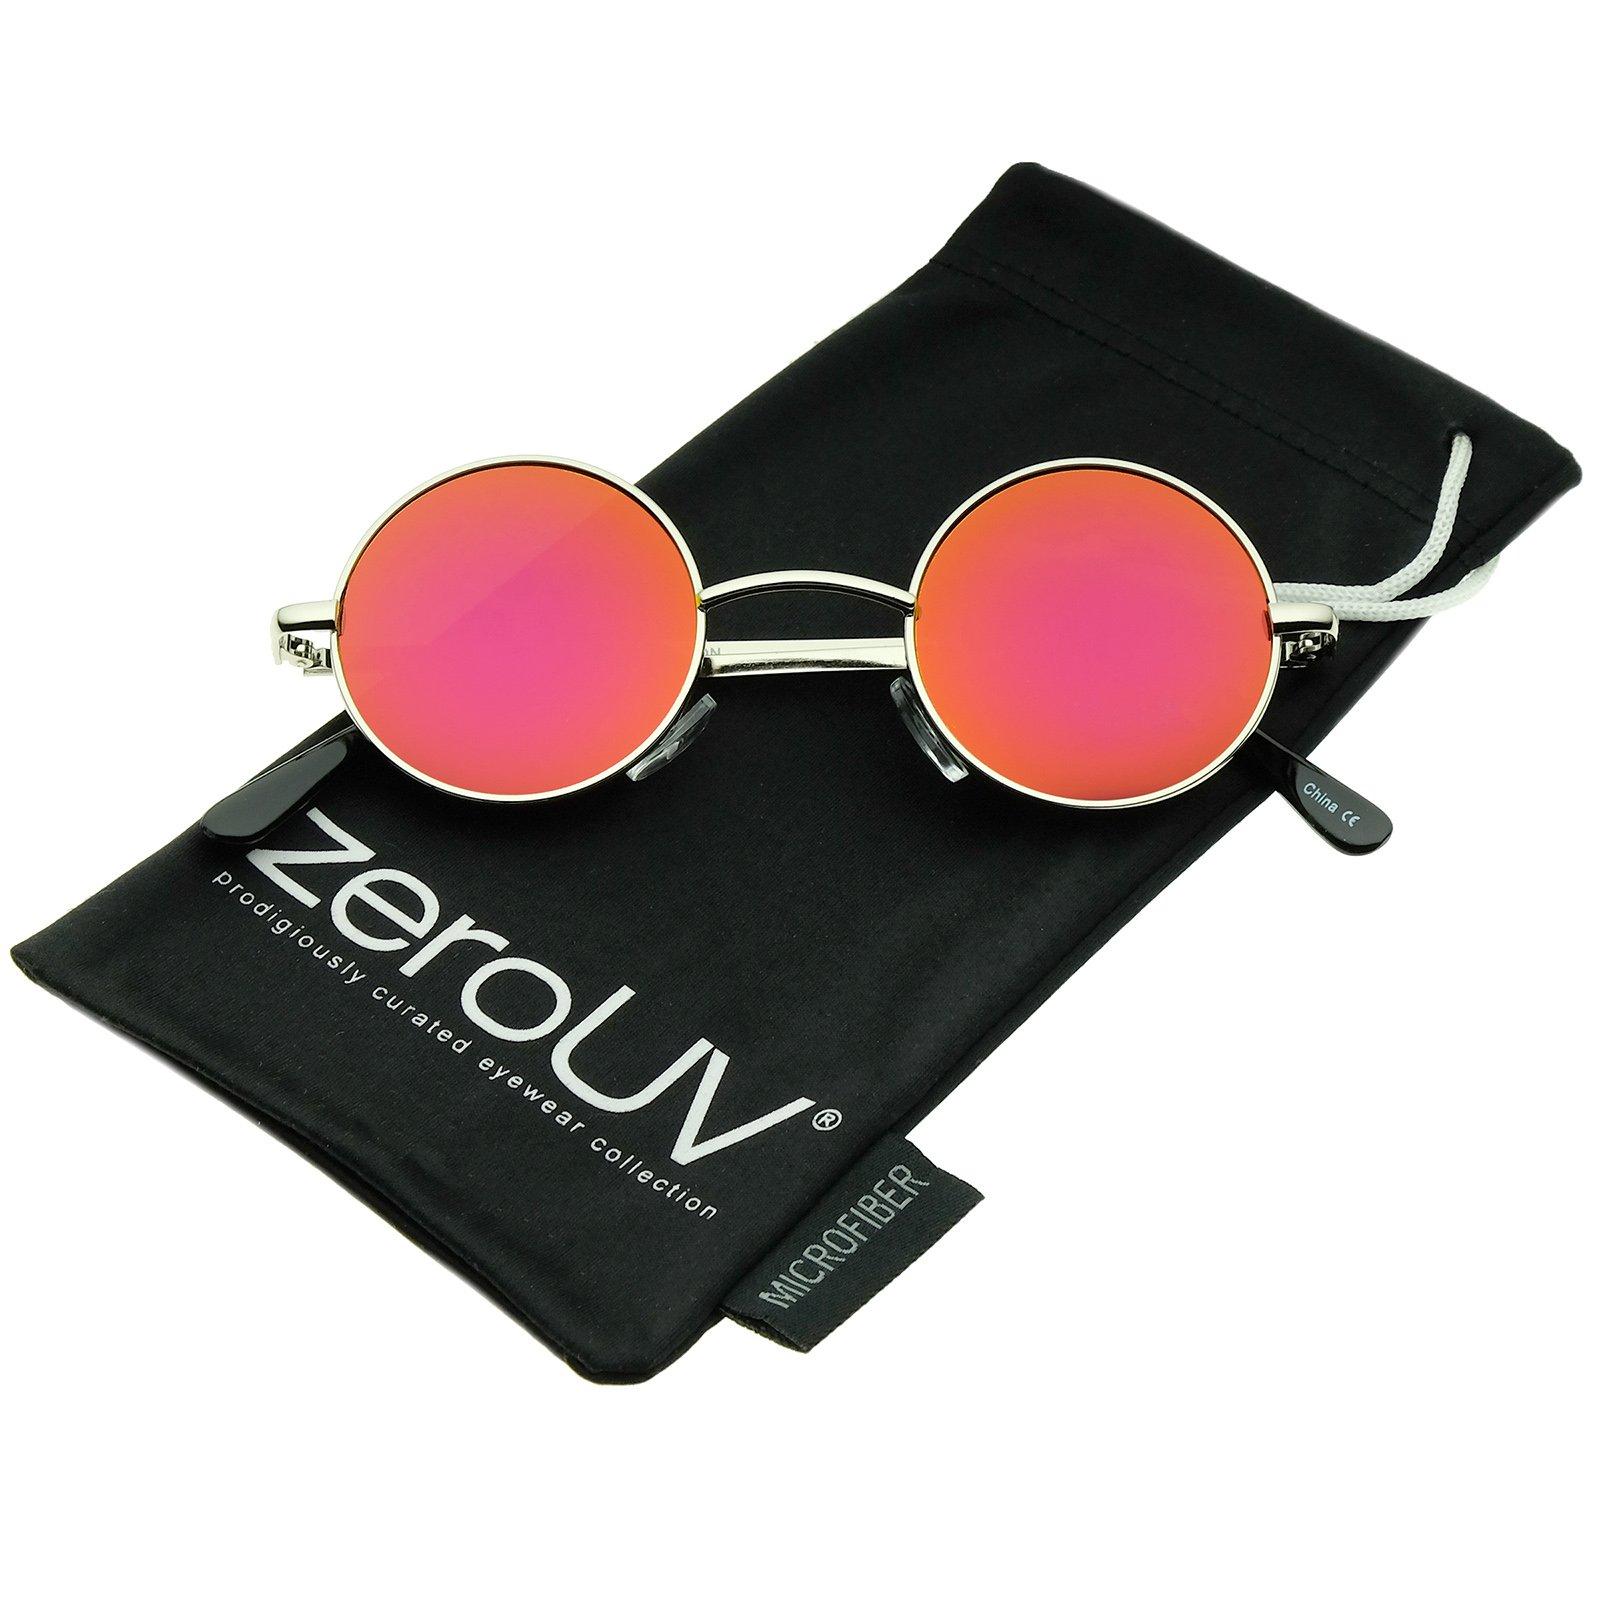 Small Retro Lennon Style Colored Mirror Lens Round Metal Sunglasses 41mm (Silver/Magenta-Orange Mirror)